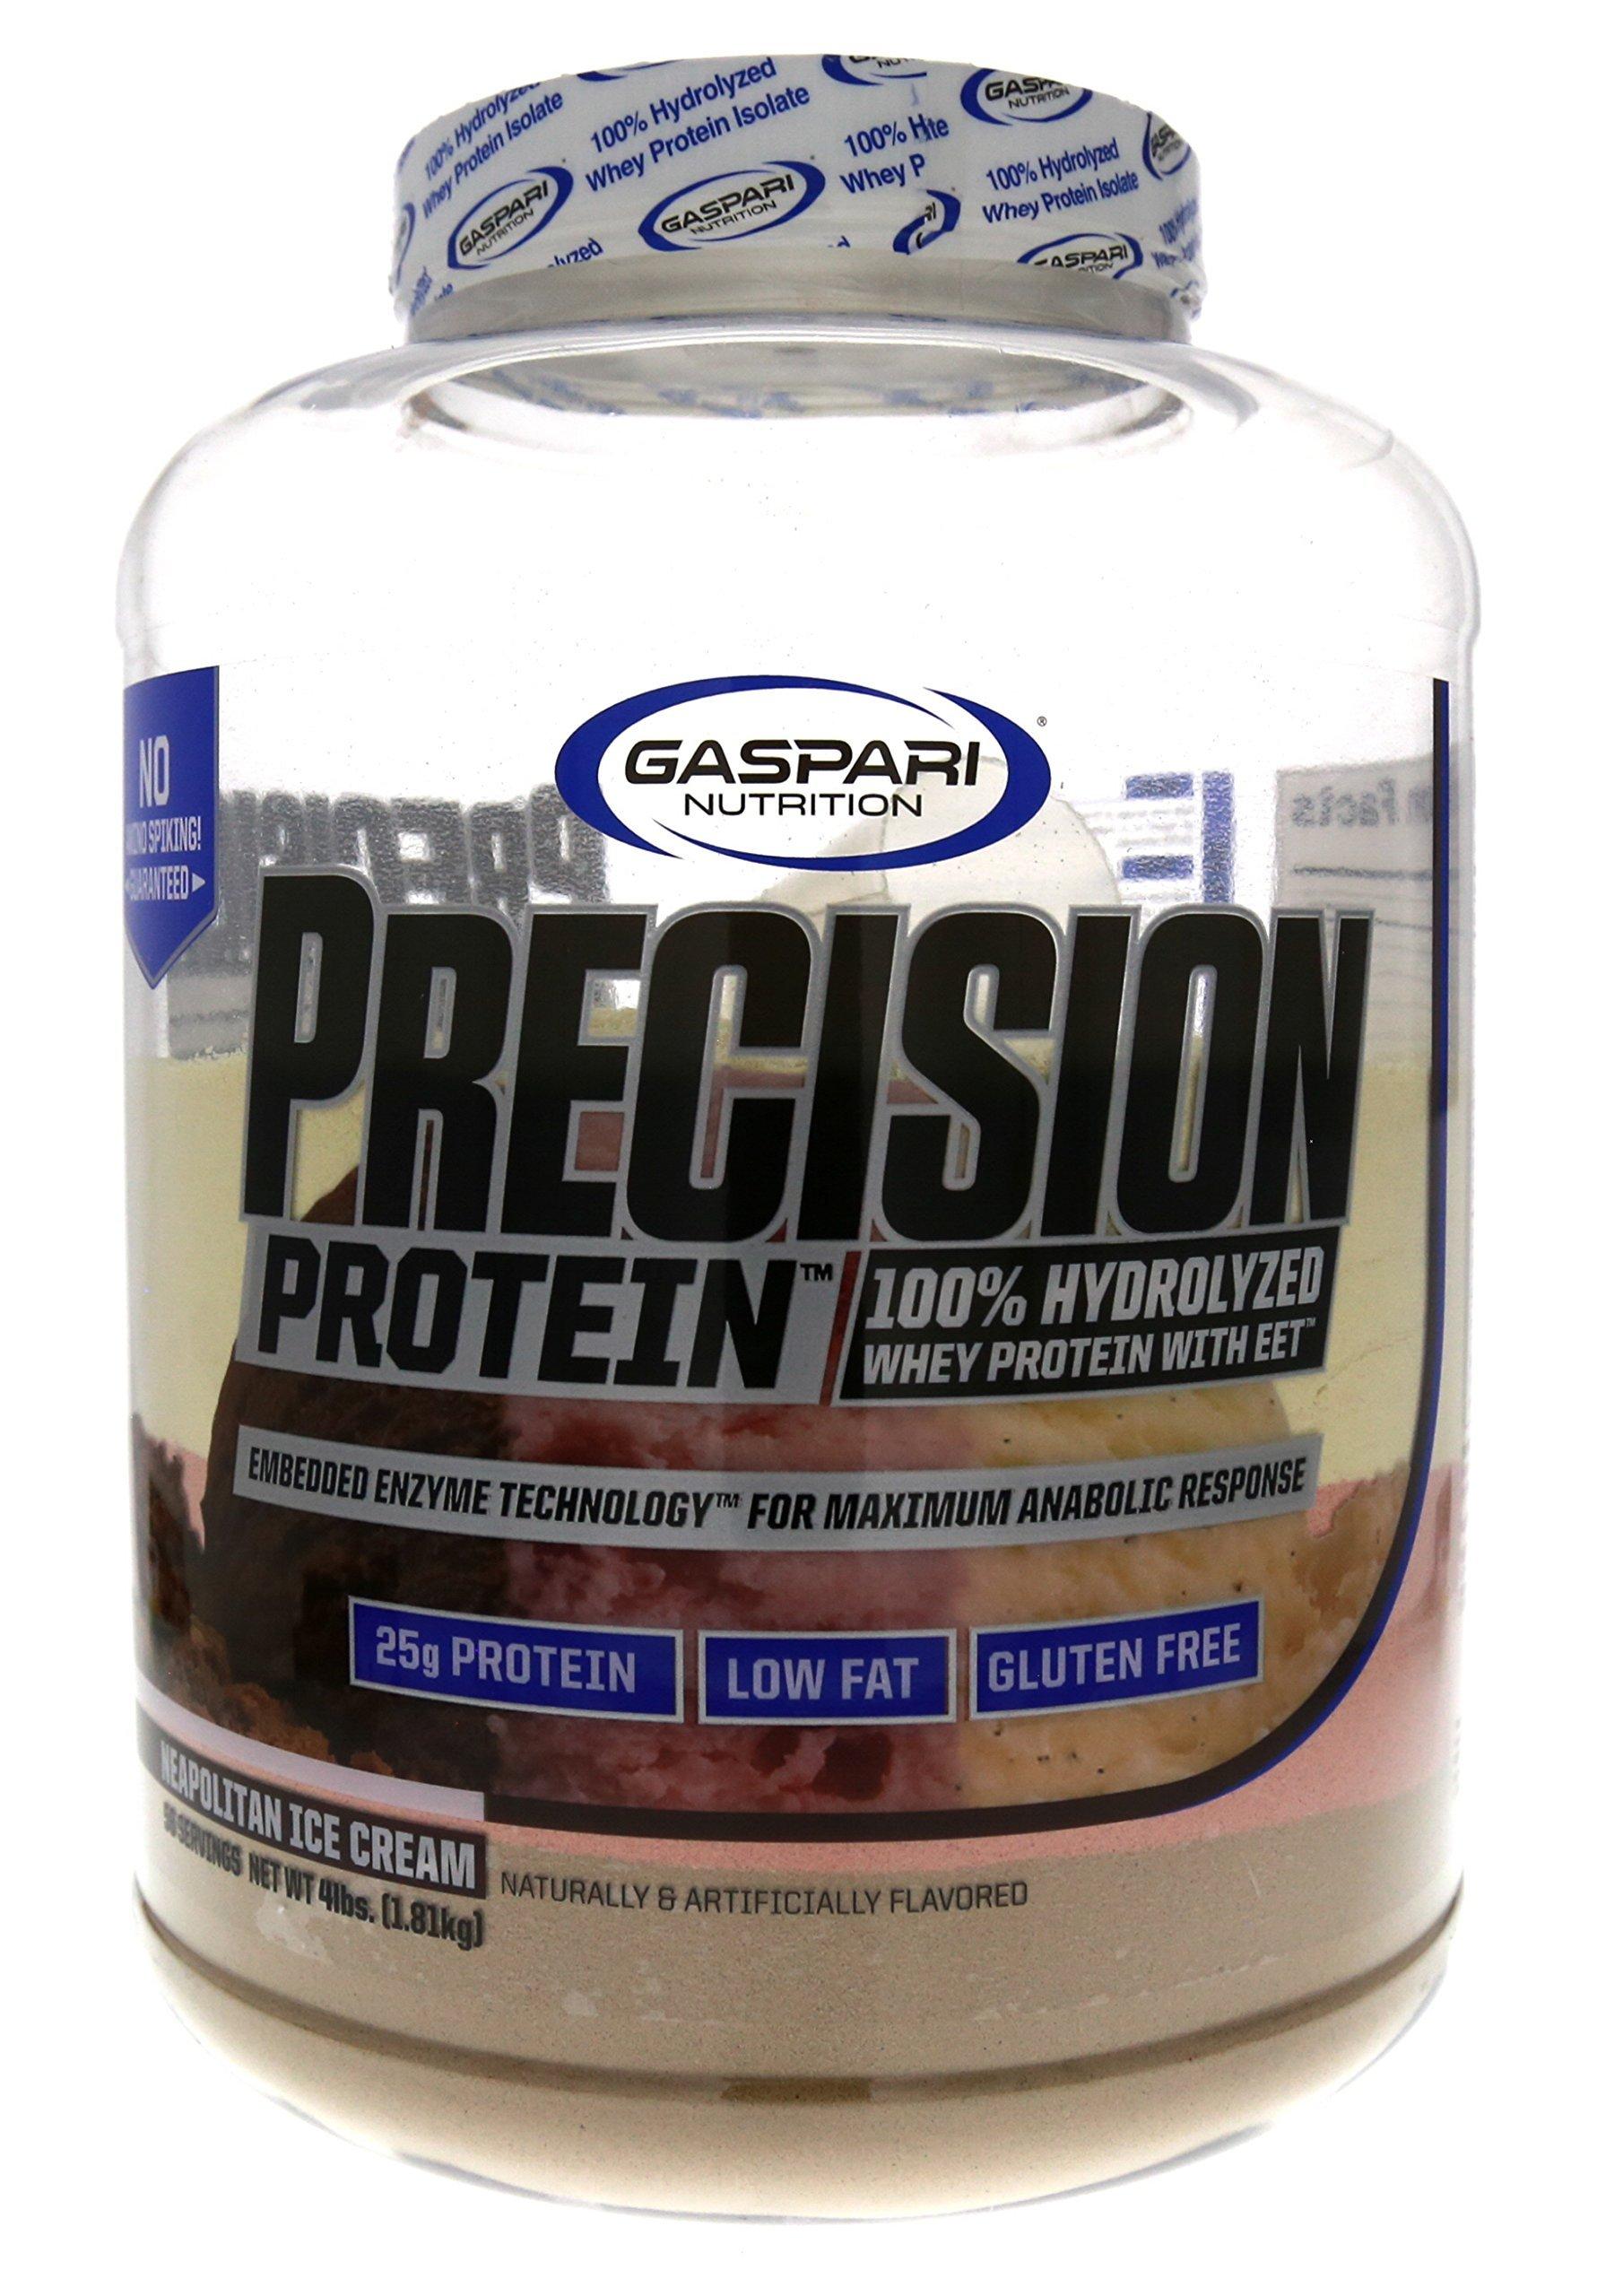 Gaspari Nutrition Precision Protein Neapolitan, 4 Pound